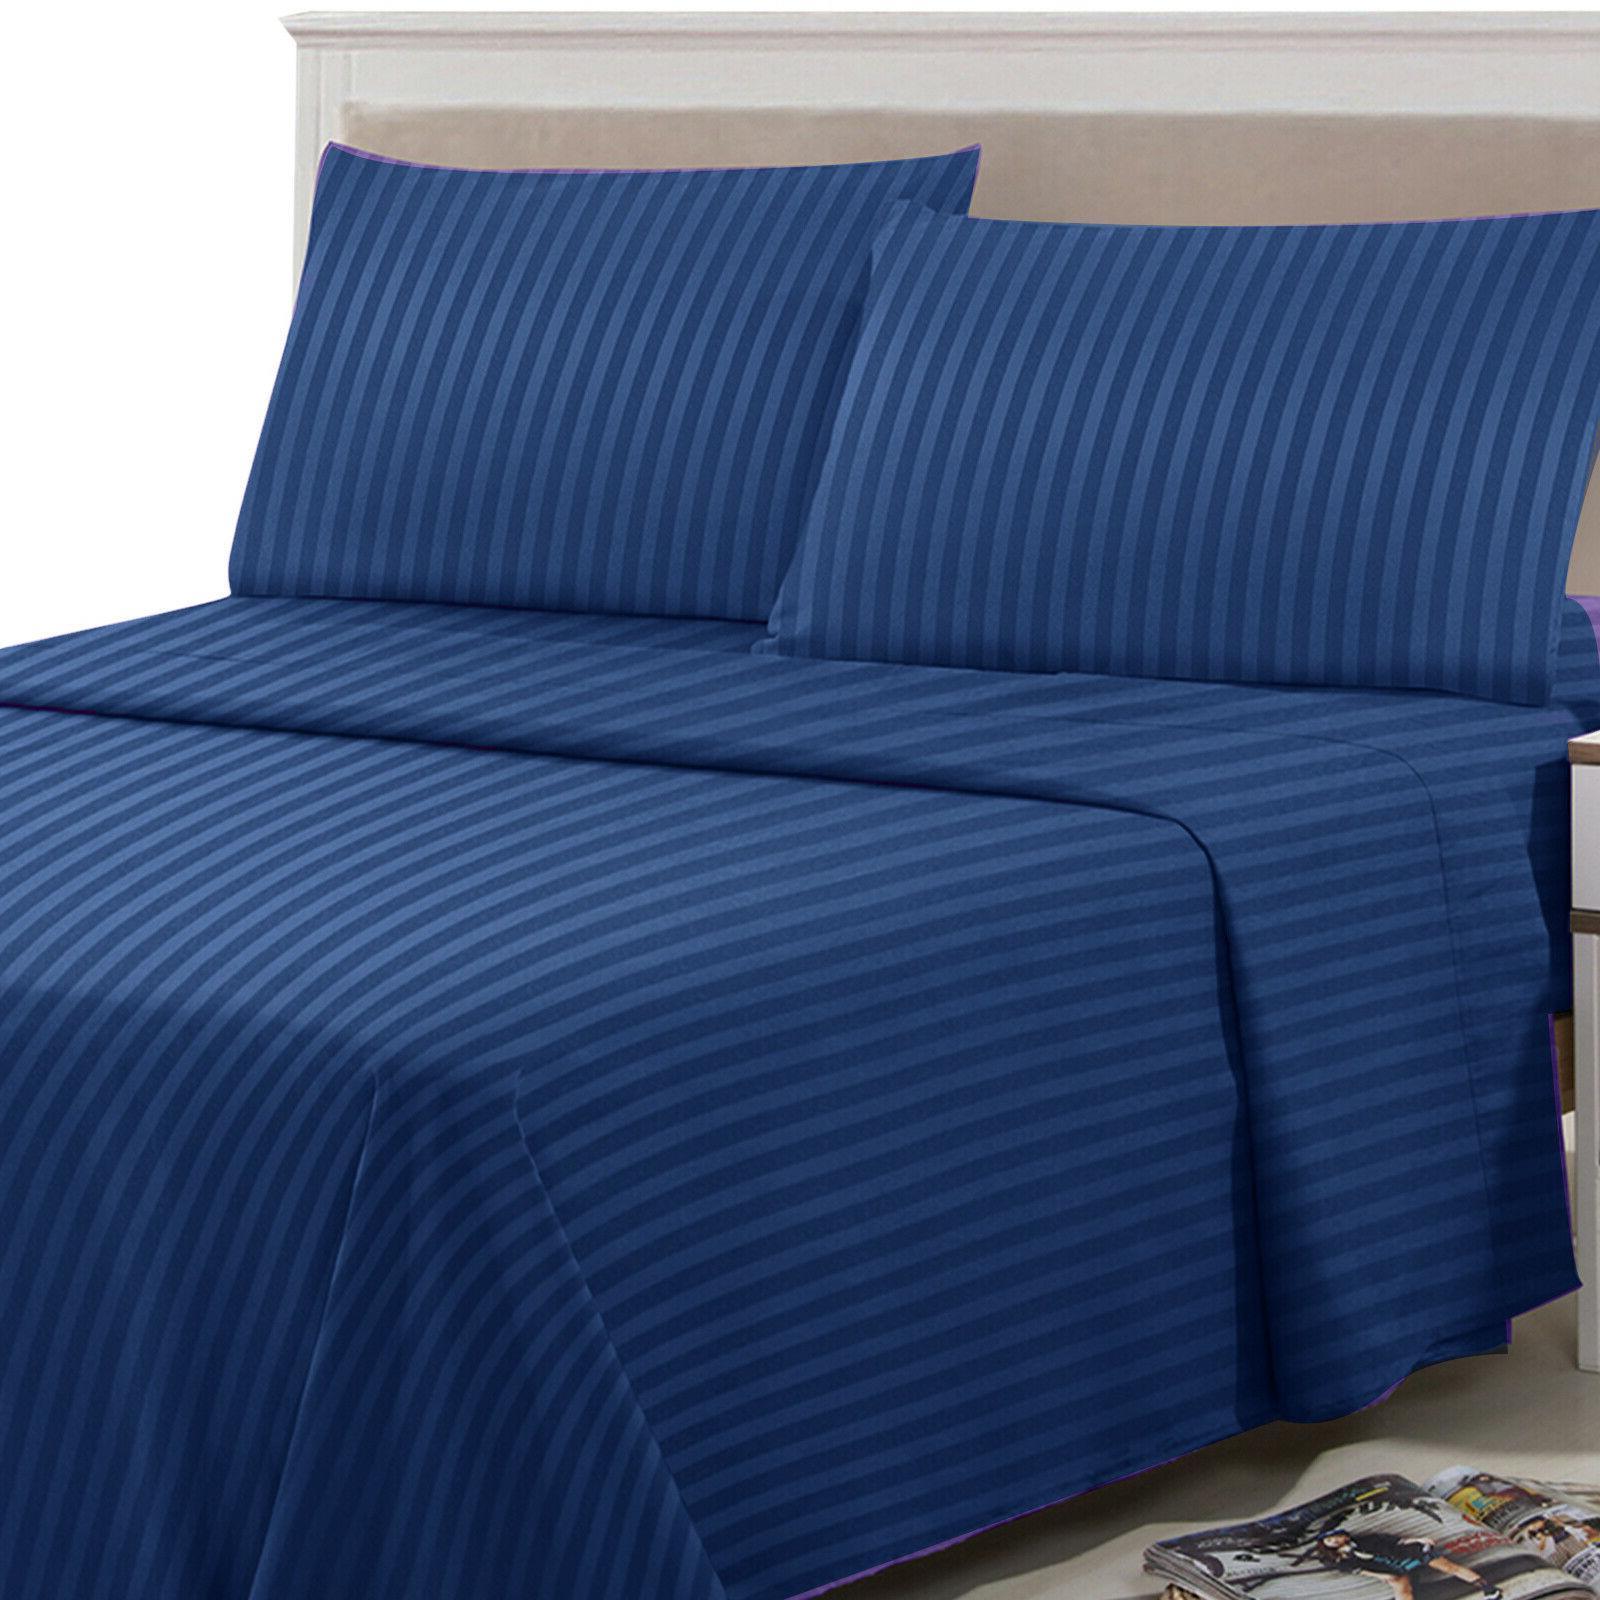 1800 series egyptian bed sheet set deep